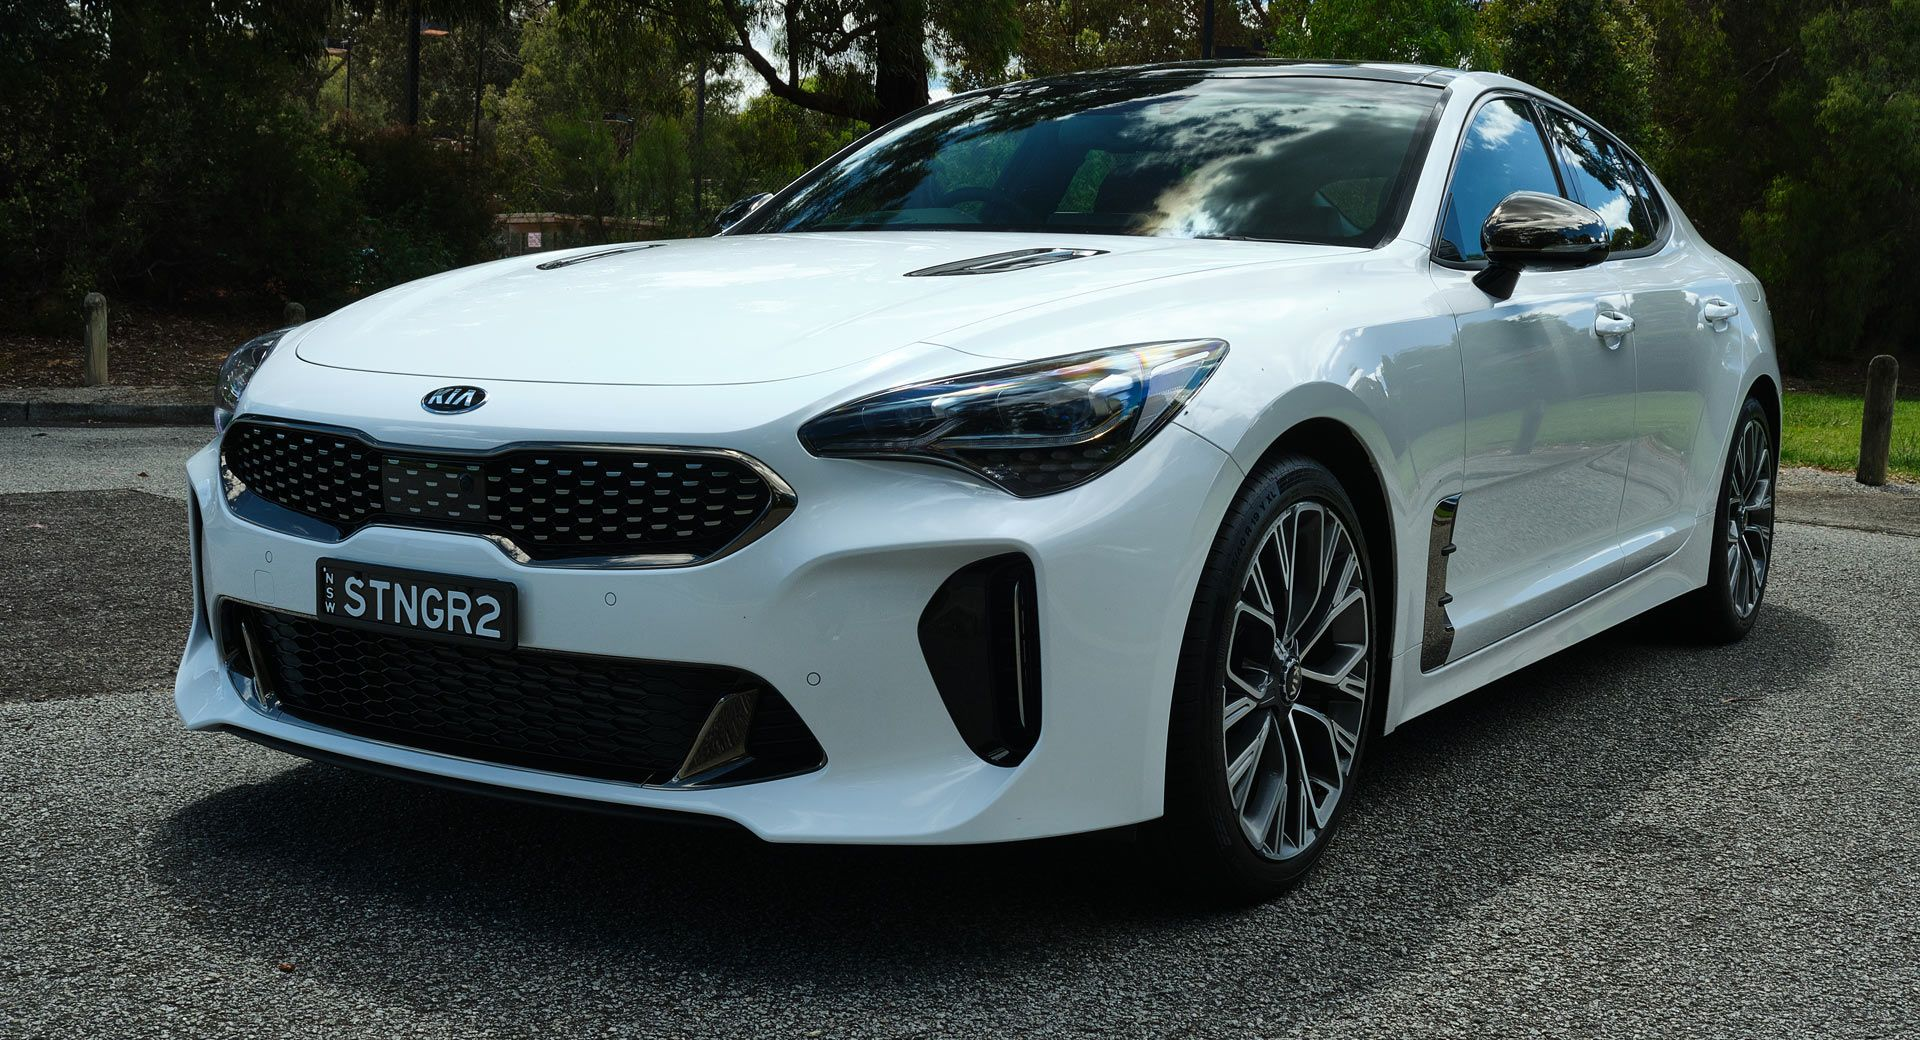 Driven 2020 Kia Stinger 2 0l Gt Line Surprises As A Superb All Rounder Australia Firstdrive Galleries Kia Kiastinger Reviews Kia Stinger Kia Twin Turbo